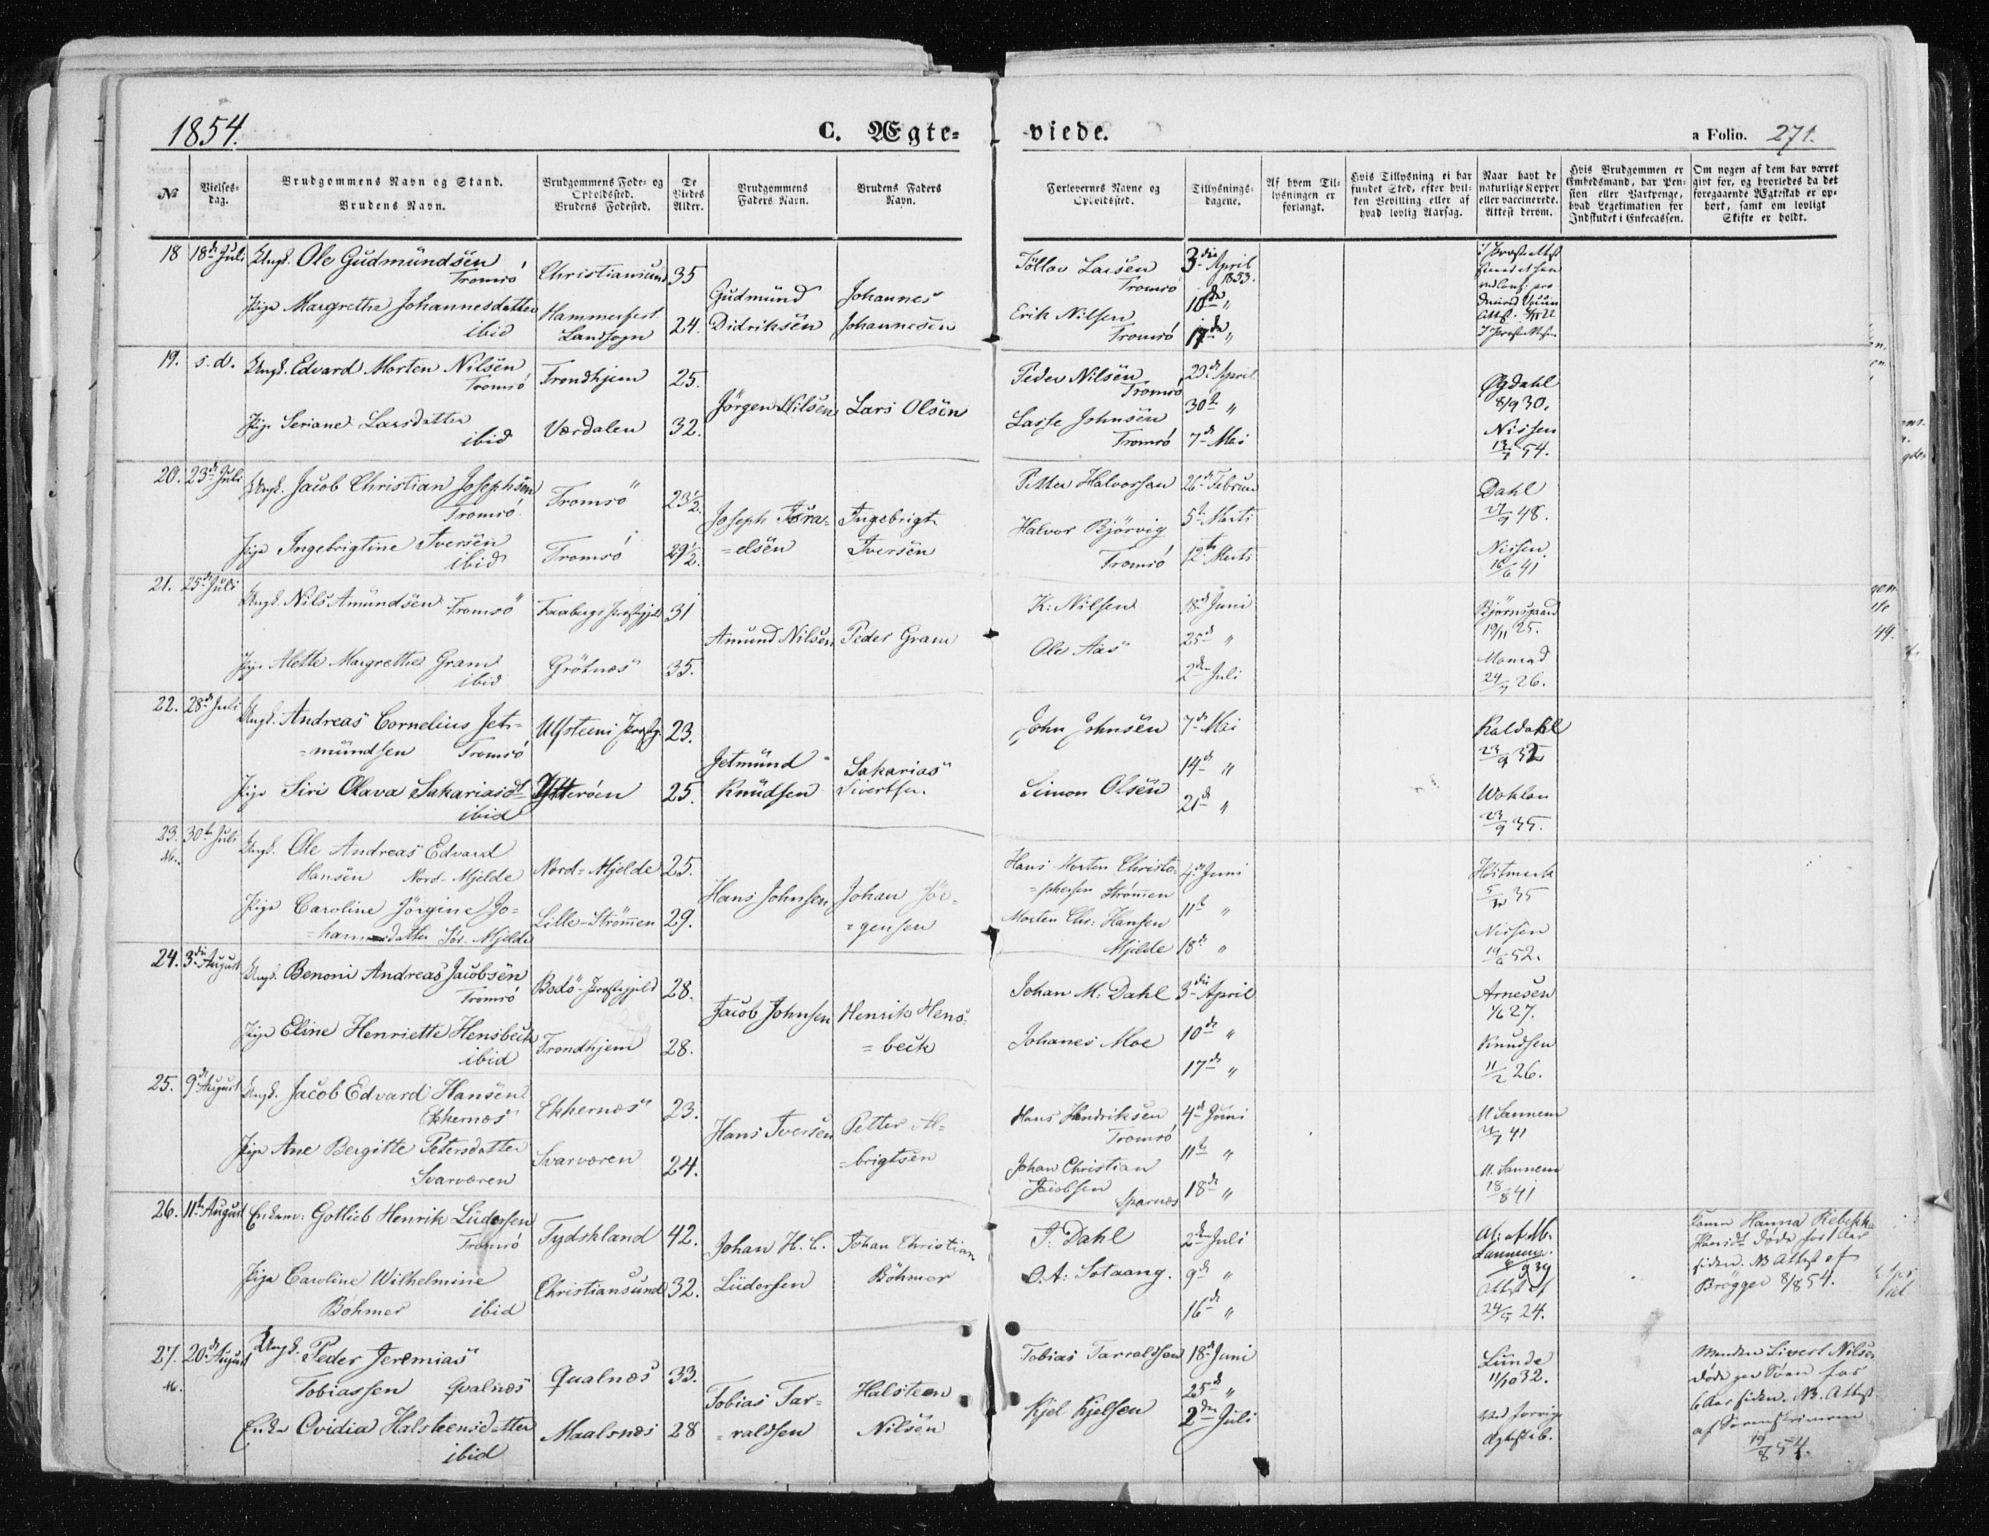 SATØ, Tromsø sokneprestkontor/stiftsprosti/domprosti, G/Ga/L0010kirke: Ministerialbok nr. 10, 1848-1855, s. 271